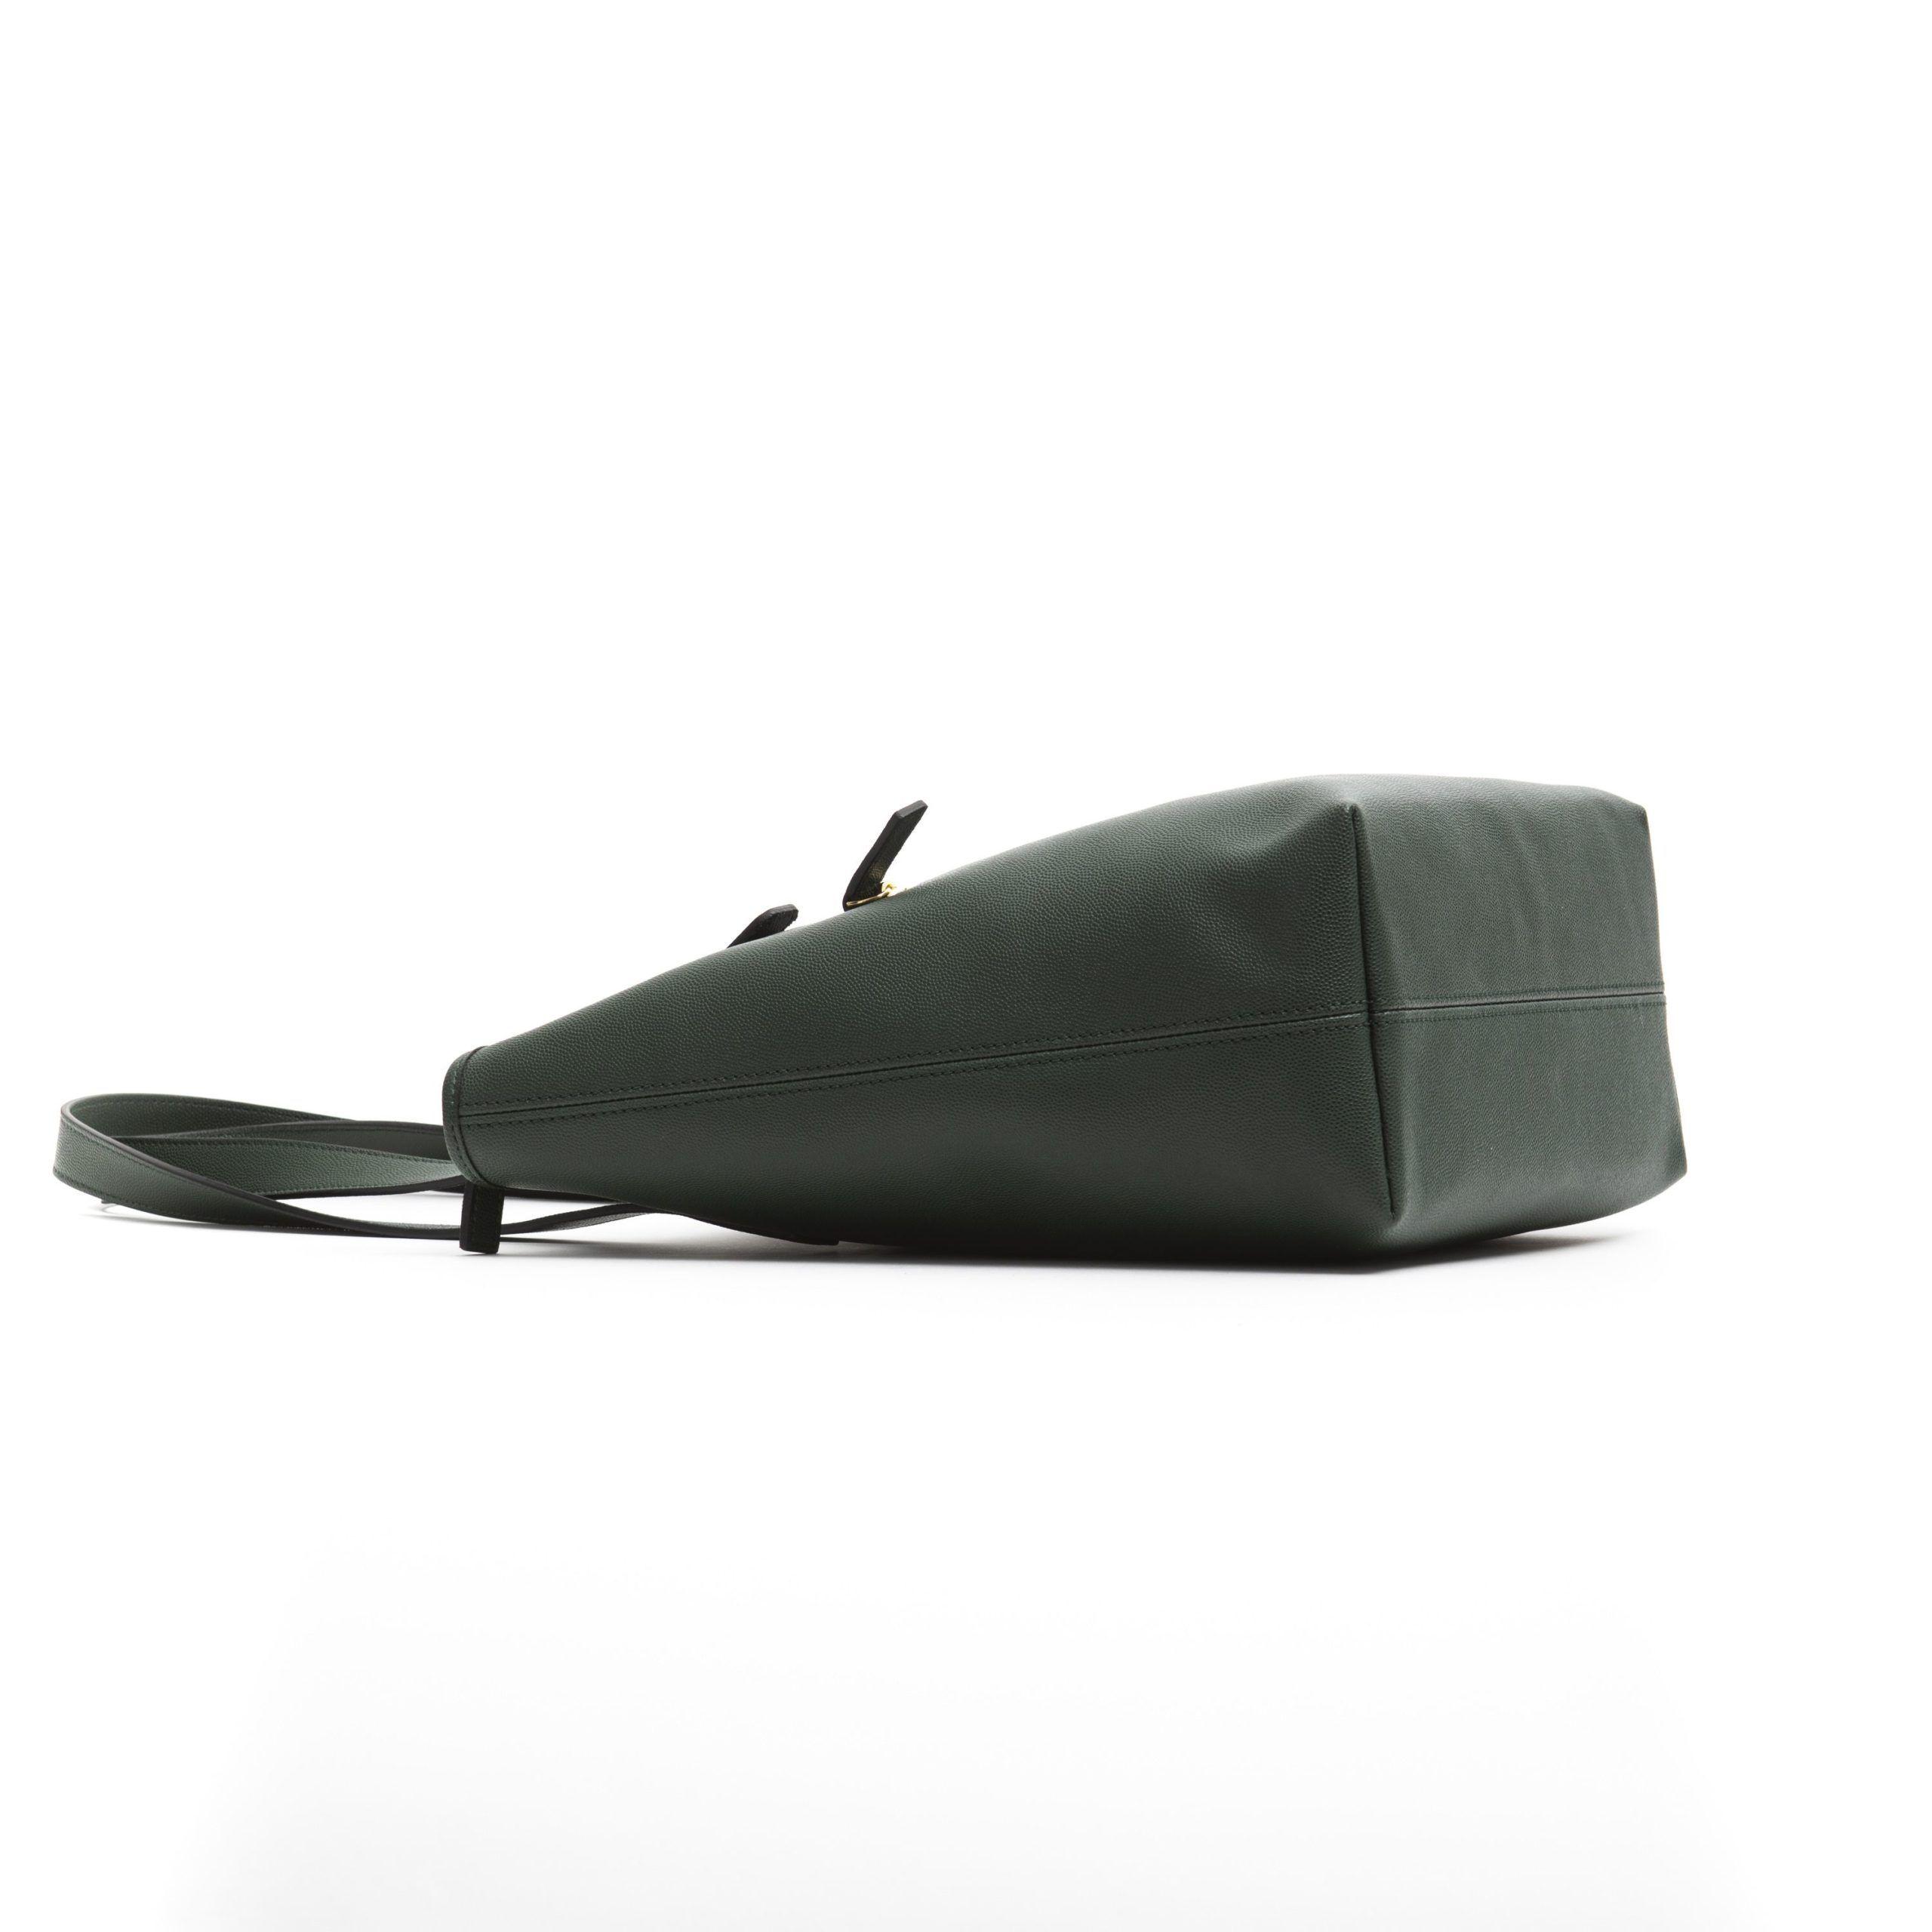 Cerruti 1881 Verde Green Shoulder Bag